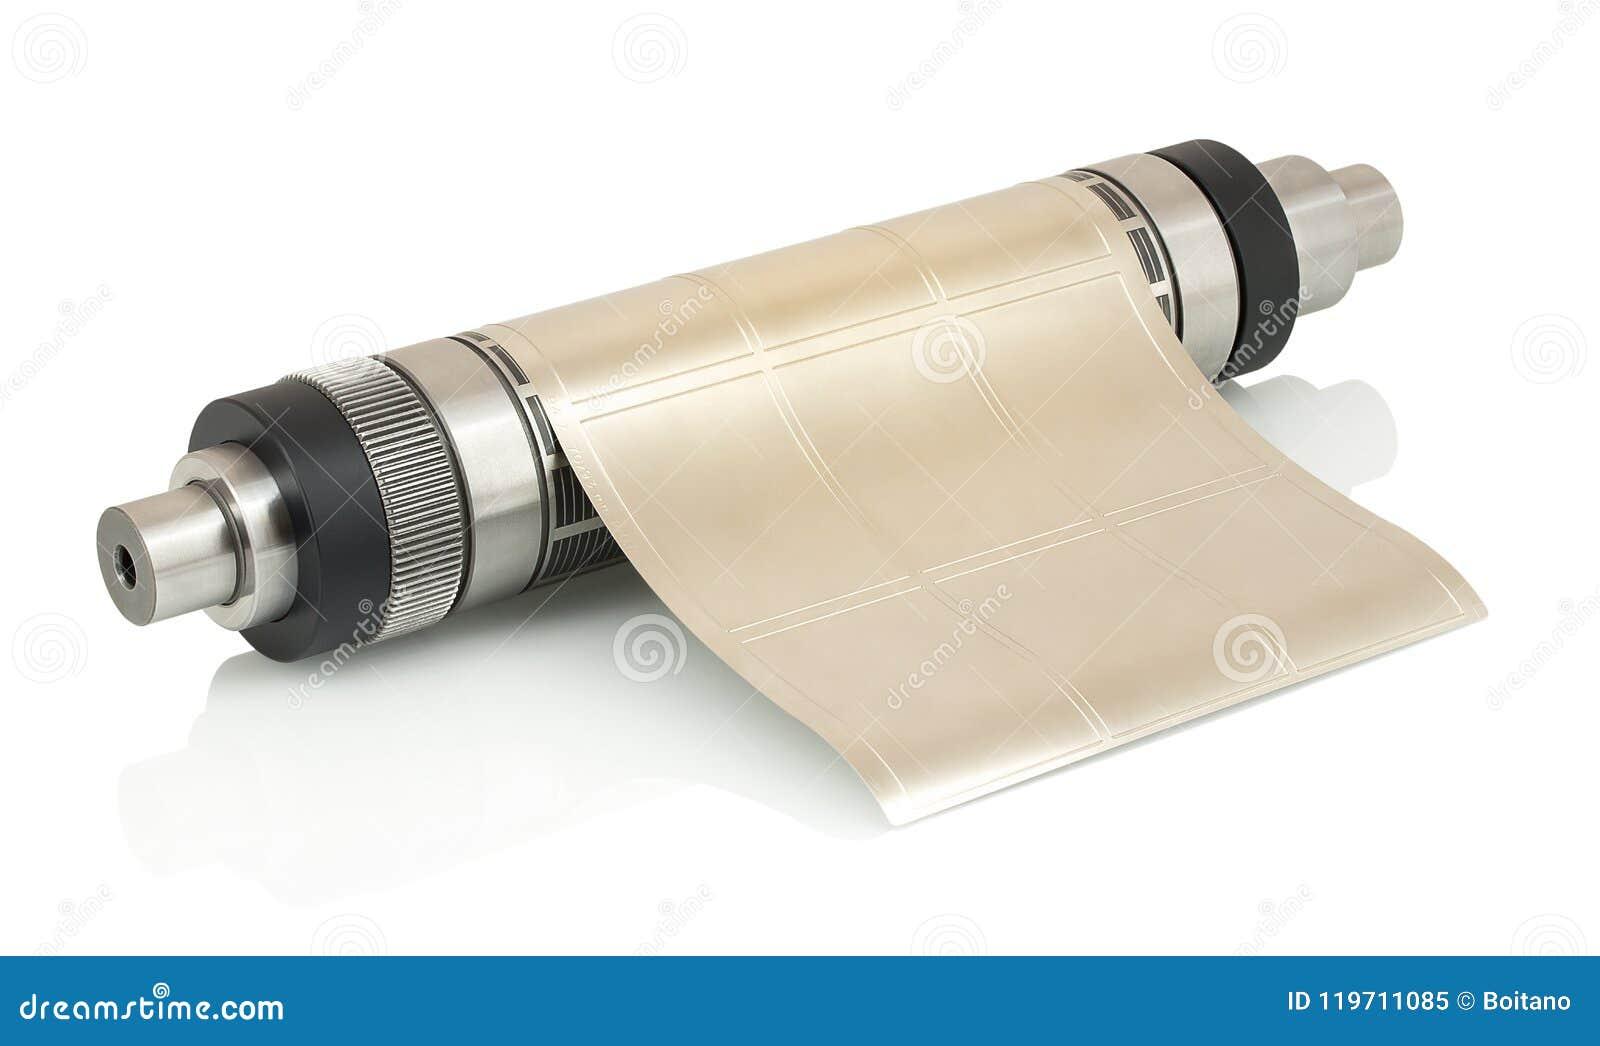 Magnetischer Zylinder mit befestigtem flexiblem sterben für das Stempelschneiden auf der flexographischen Pressemaschine, die für